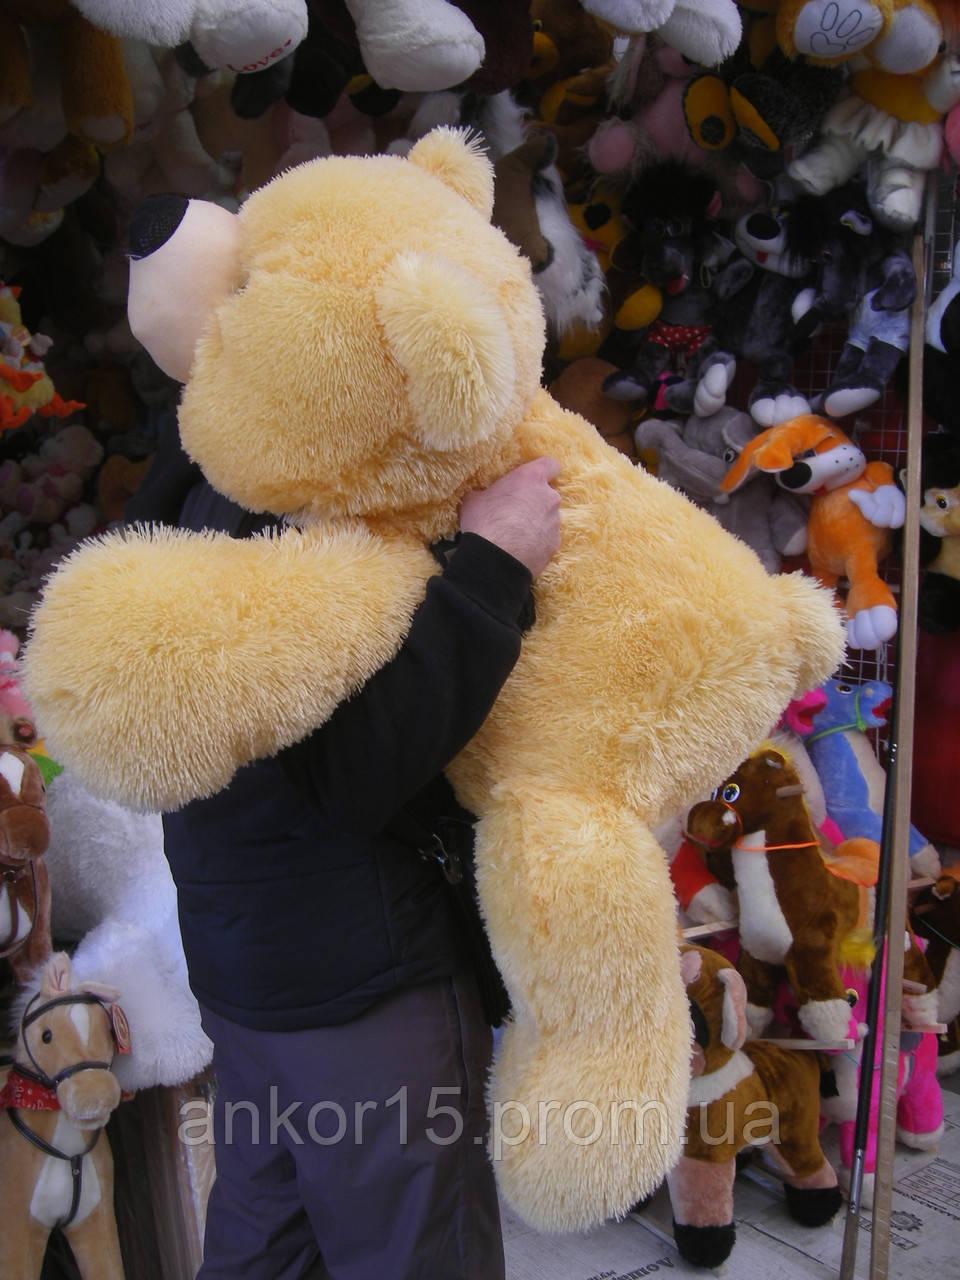 Плюшевая игрушка медведь, мишка 130 см, кремовый